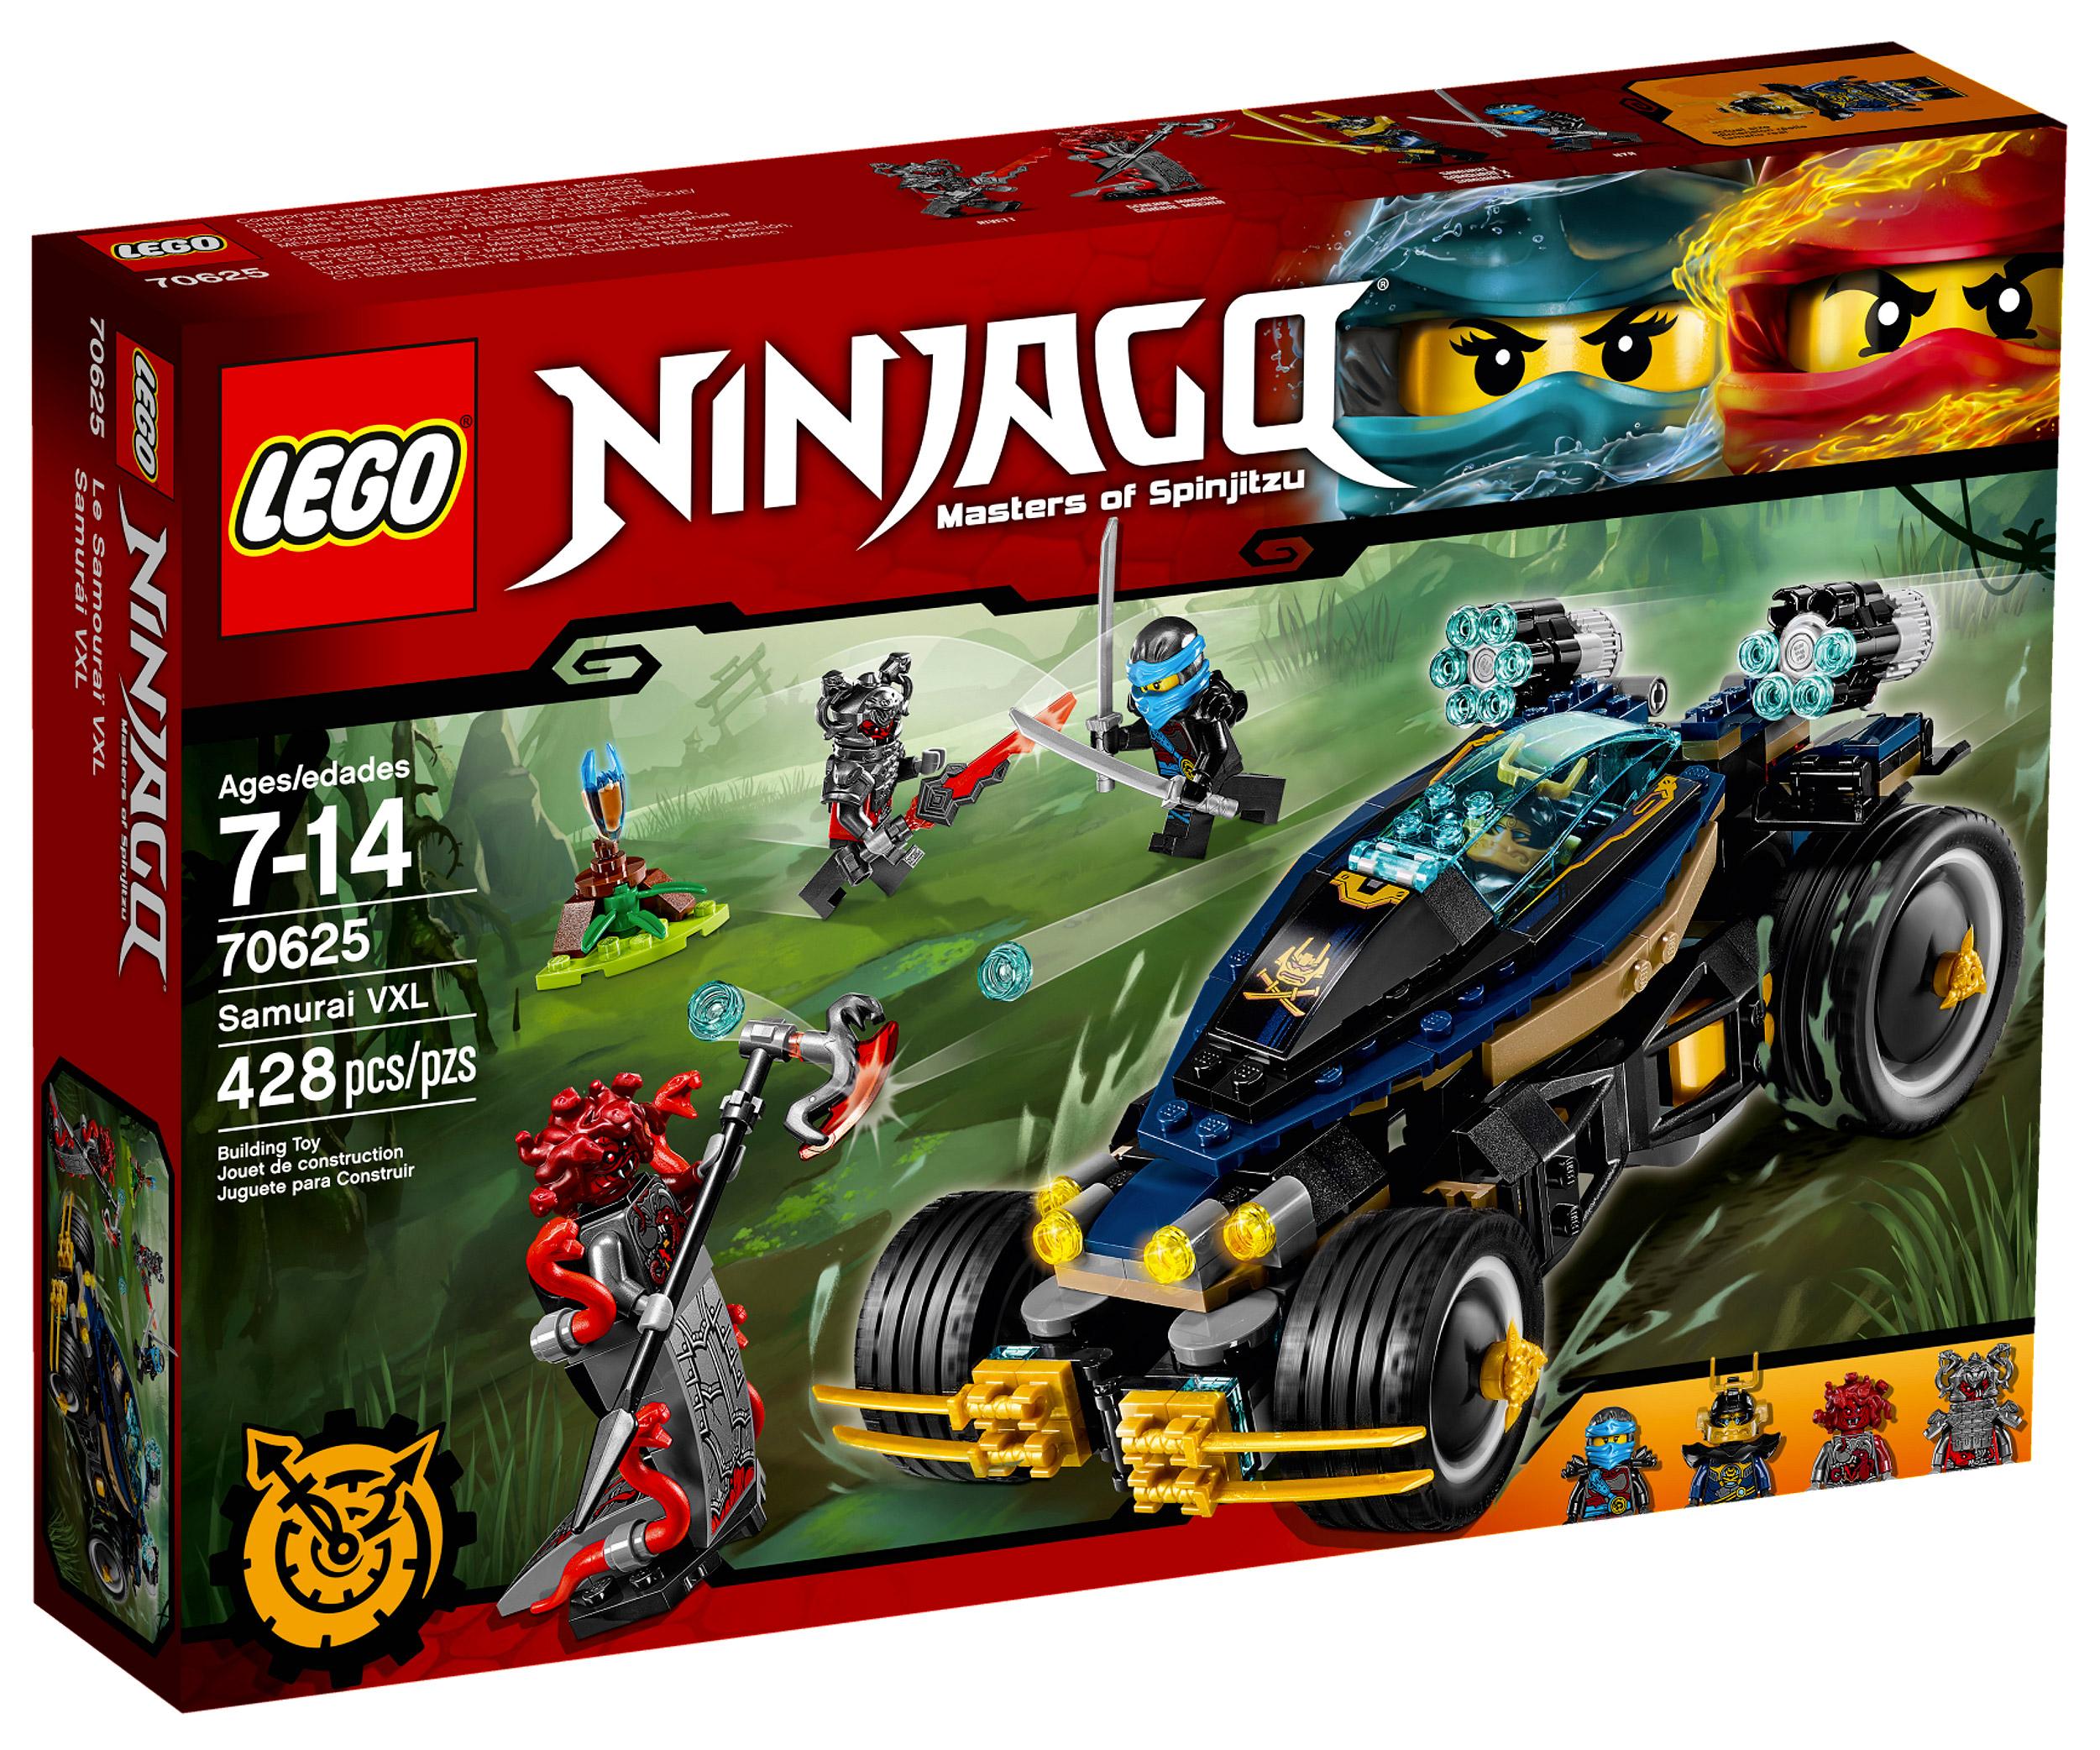 Lego ninjago 70625 pas cher le samoura vxl - Lego ninjago nouvelle saison ...